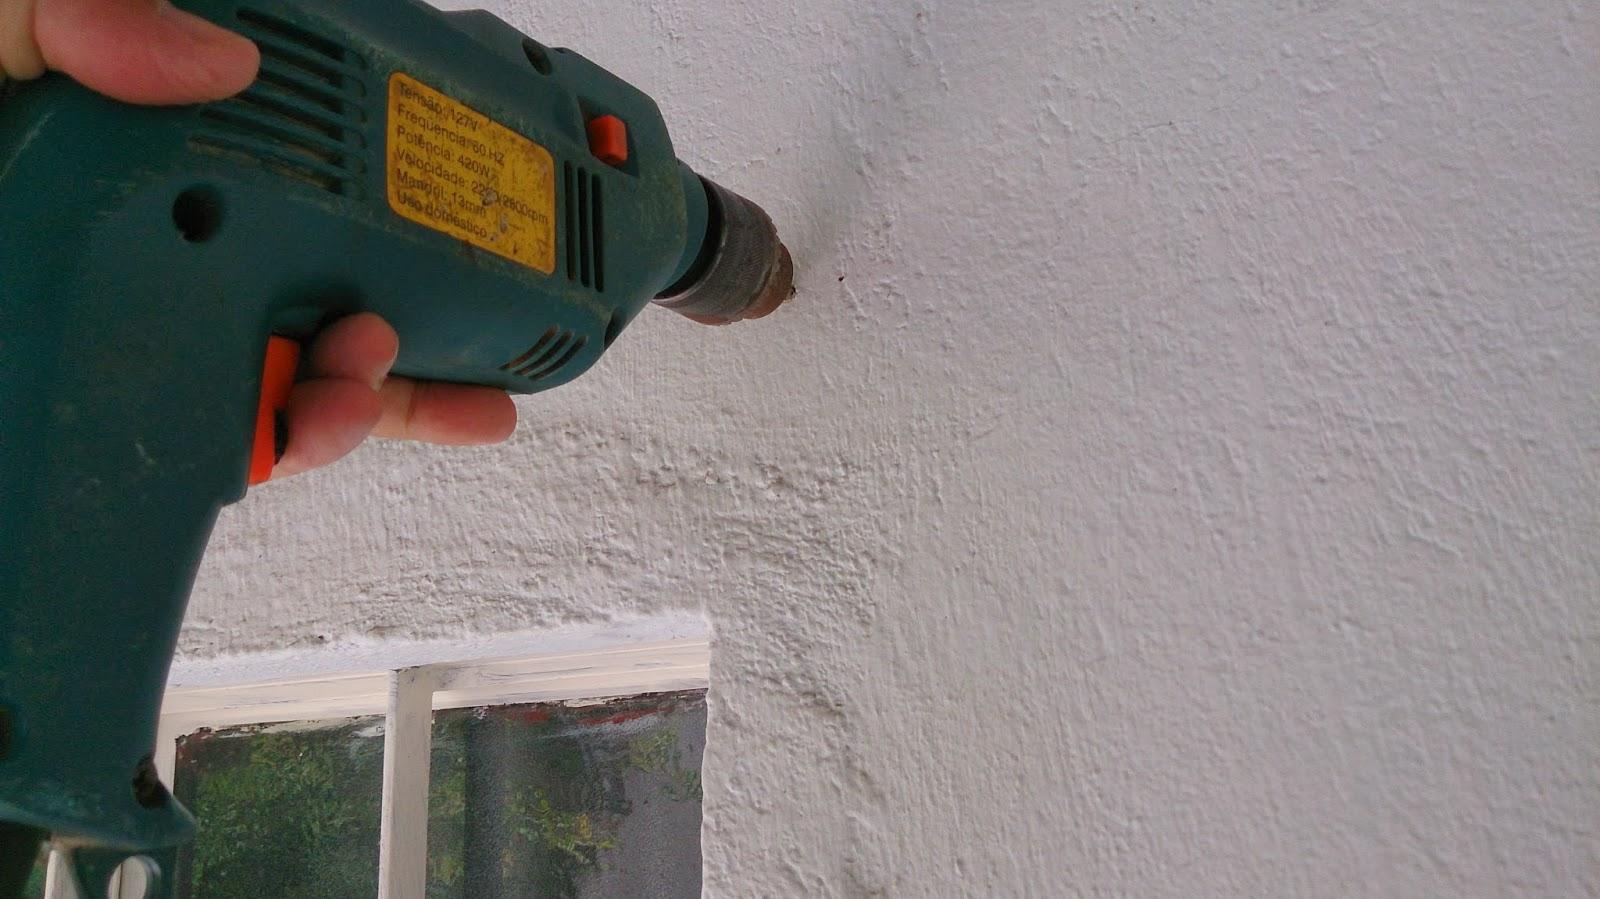 #B82812 Tela de Proteção Contra Insetos na Janela : Usando Anilhas Feitas de  1480 Telas De Proteção Contra Insetos Para Janelas